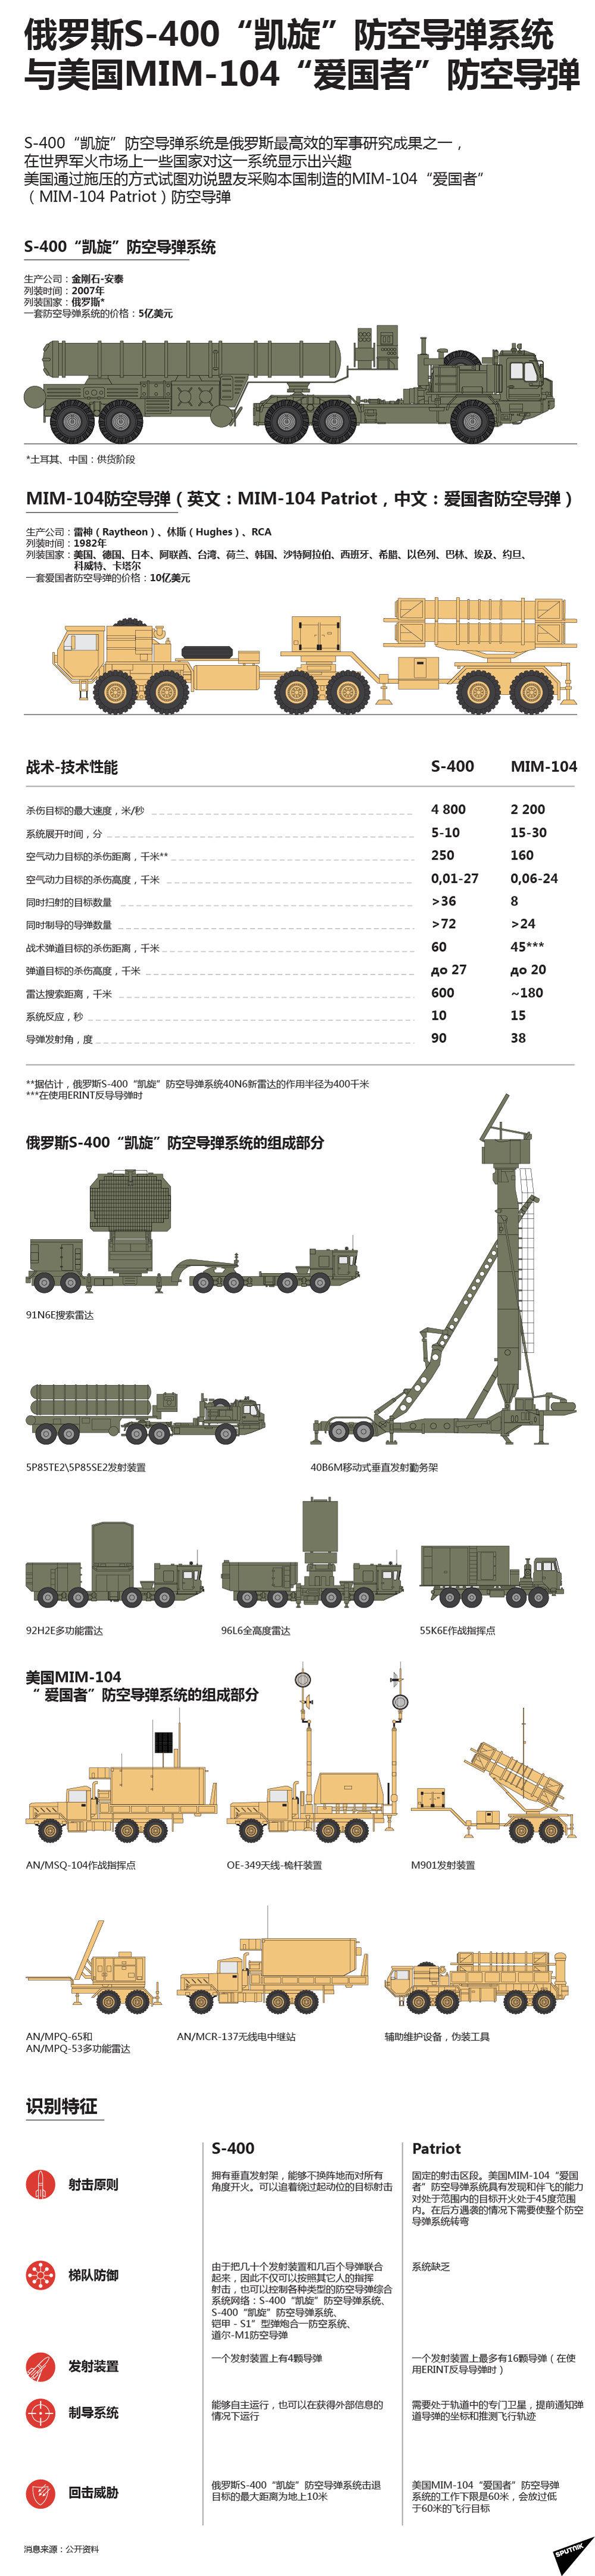 俄羅斯S-400「凱旋」防空導彈系統與美國MIM-104「愛國者」防空導彈